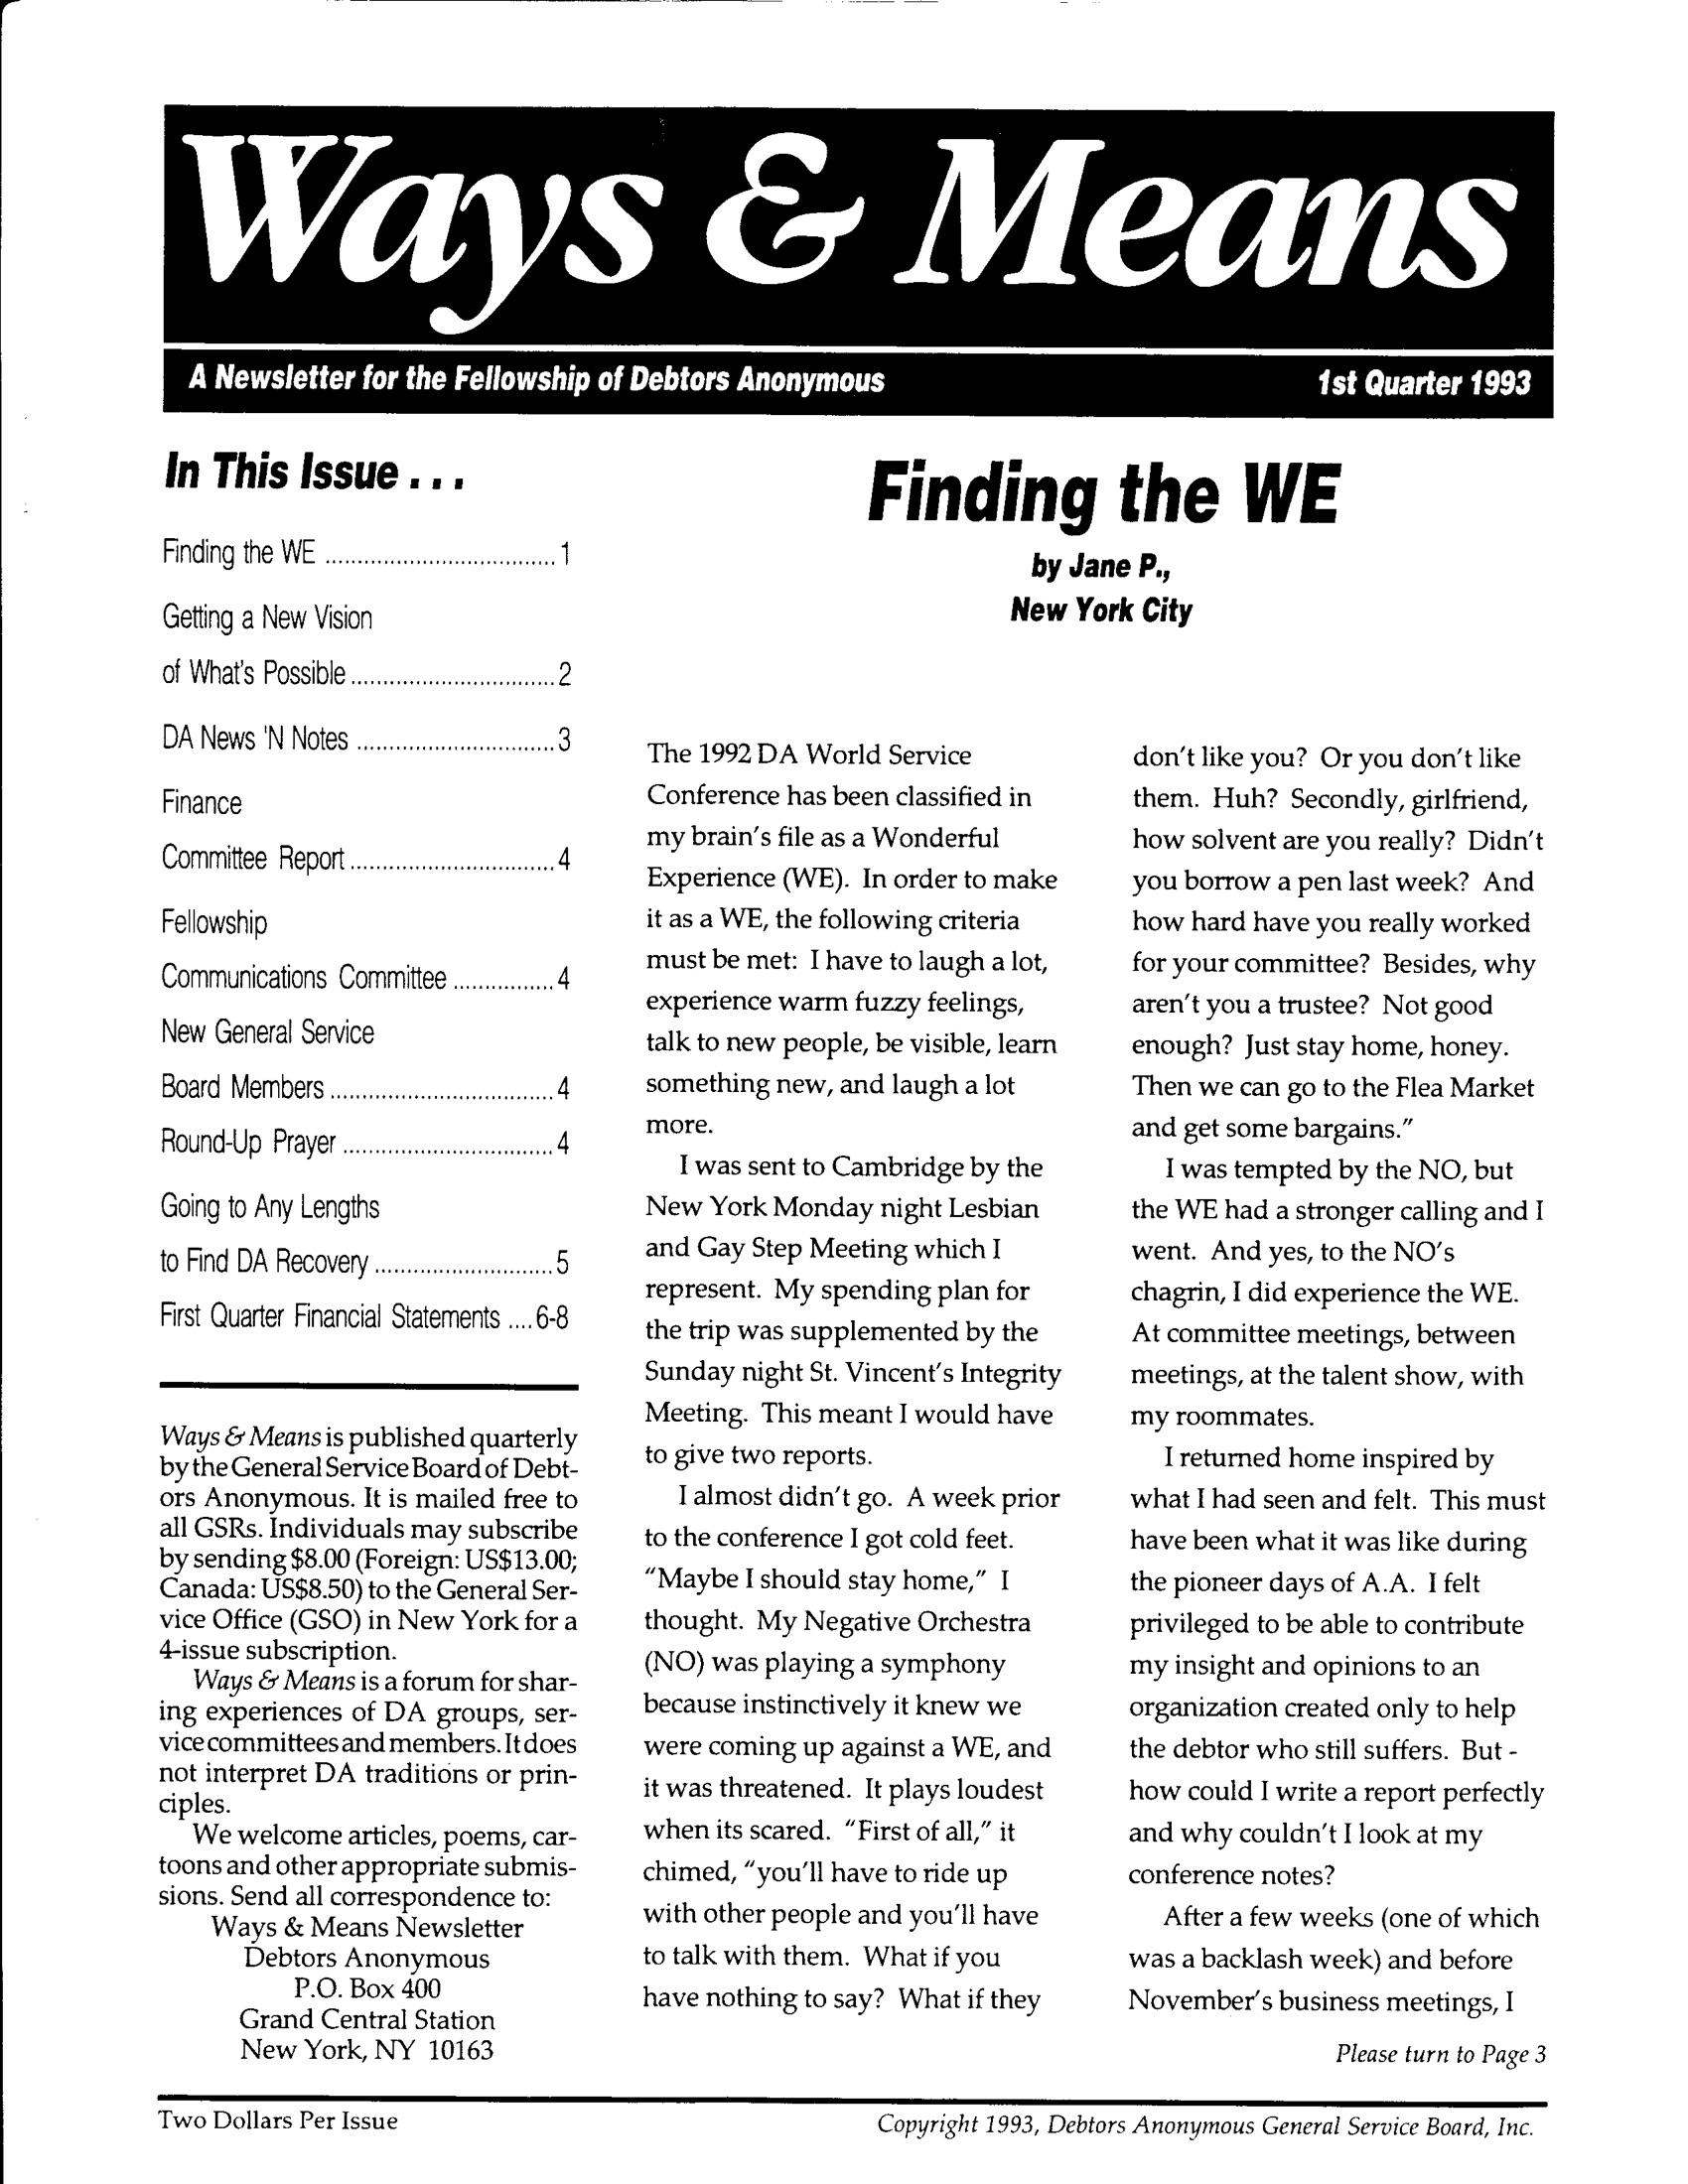 Ways & Means 1st QTR 1993